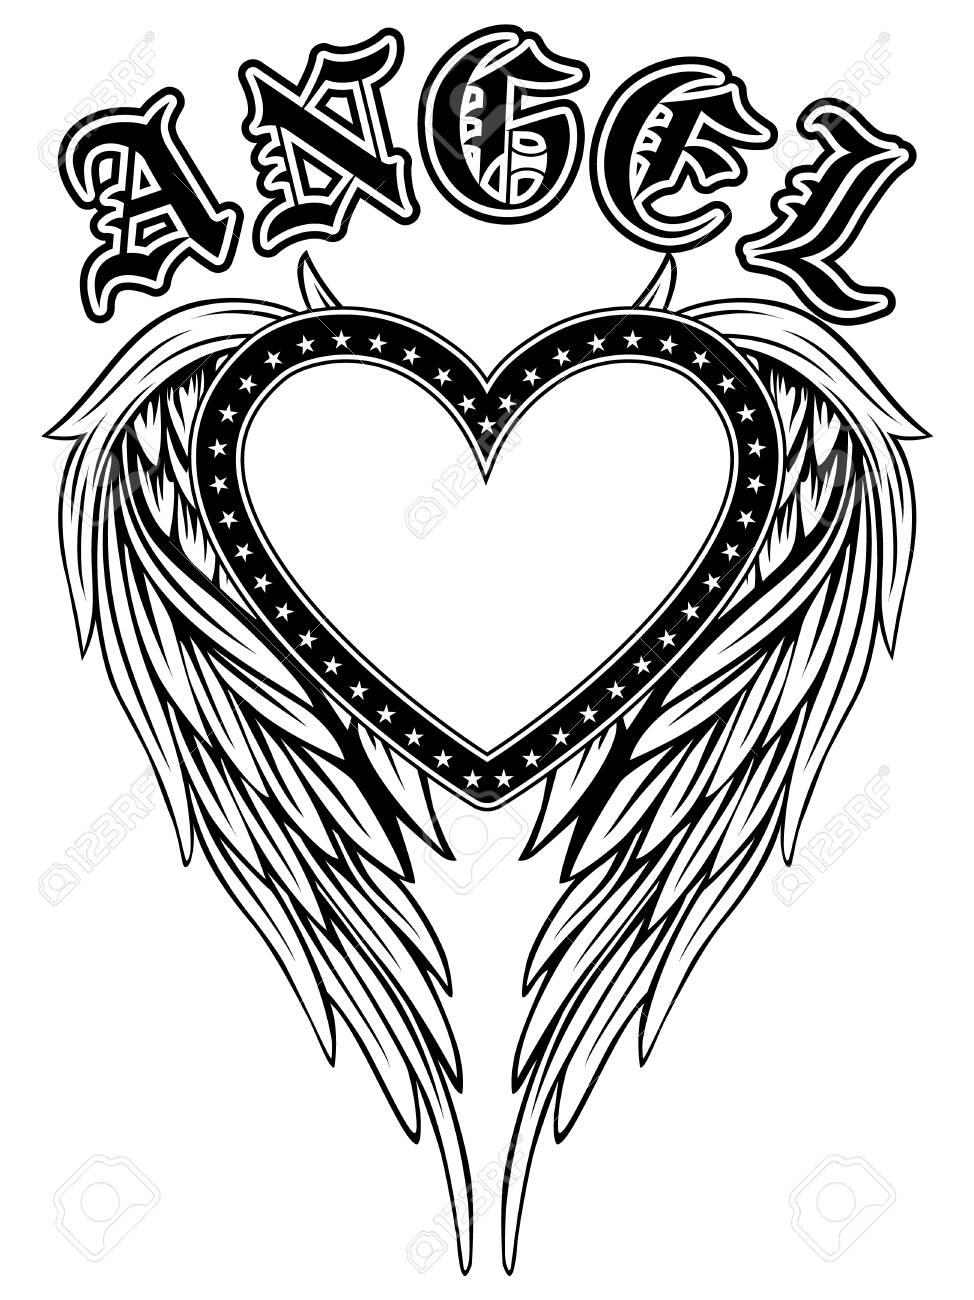 Resume Illustration Vectorielle Cadre Coeur Noir Et Blanc Avec Des